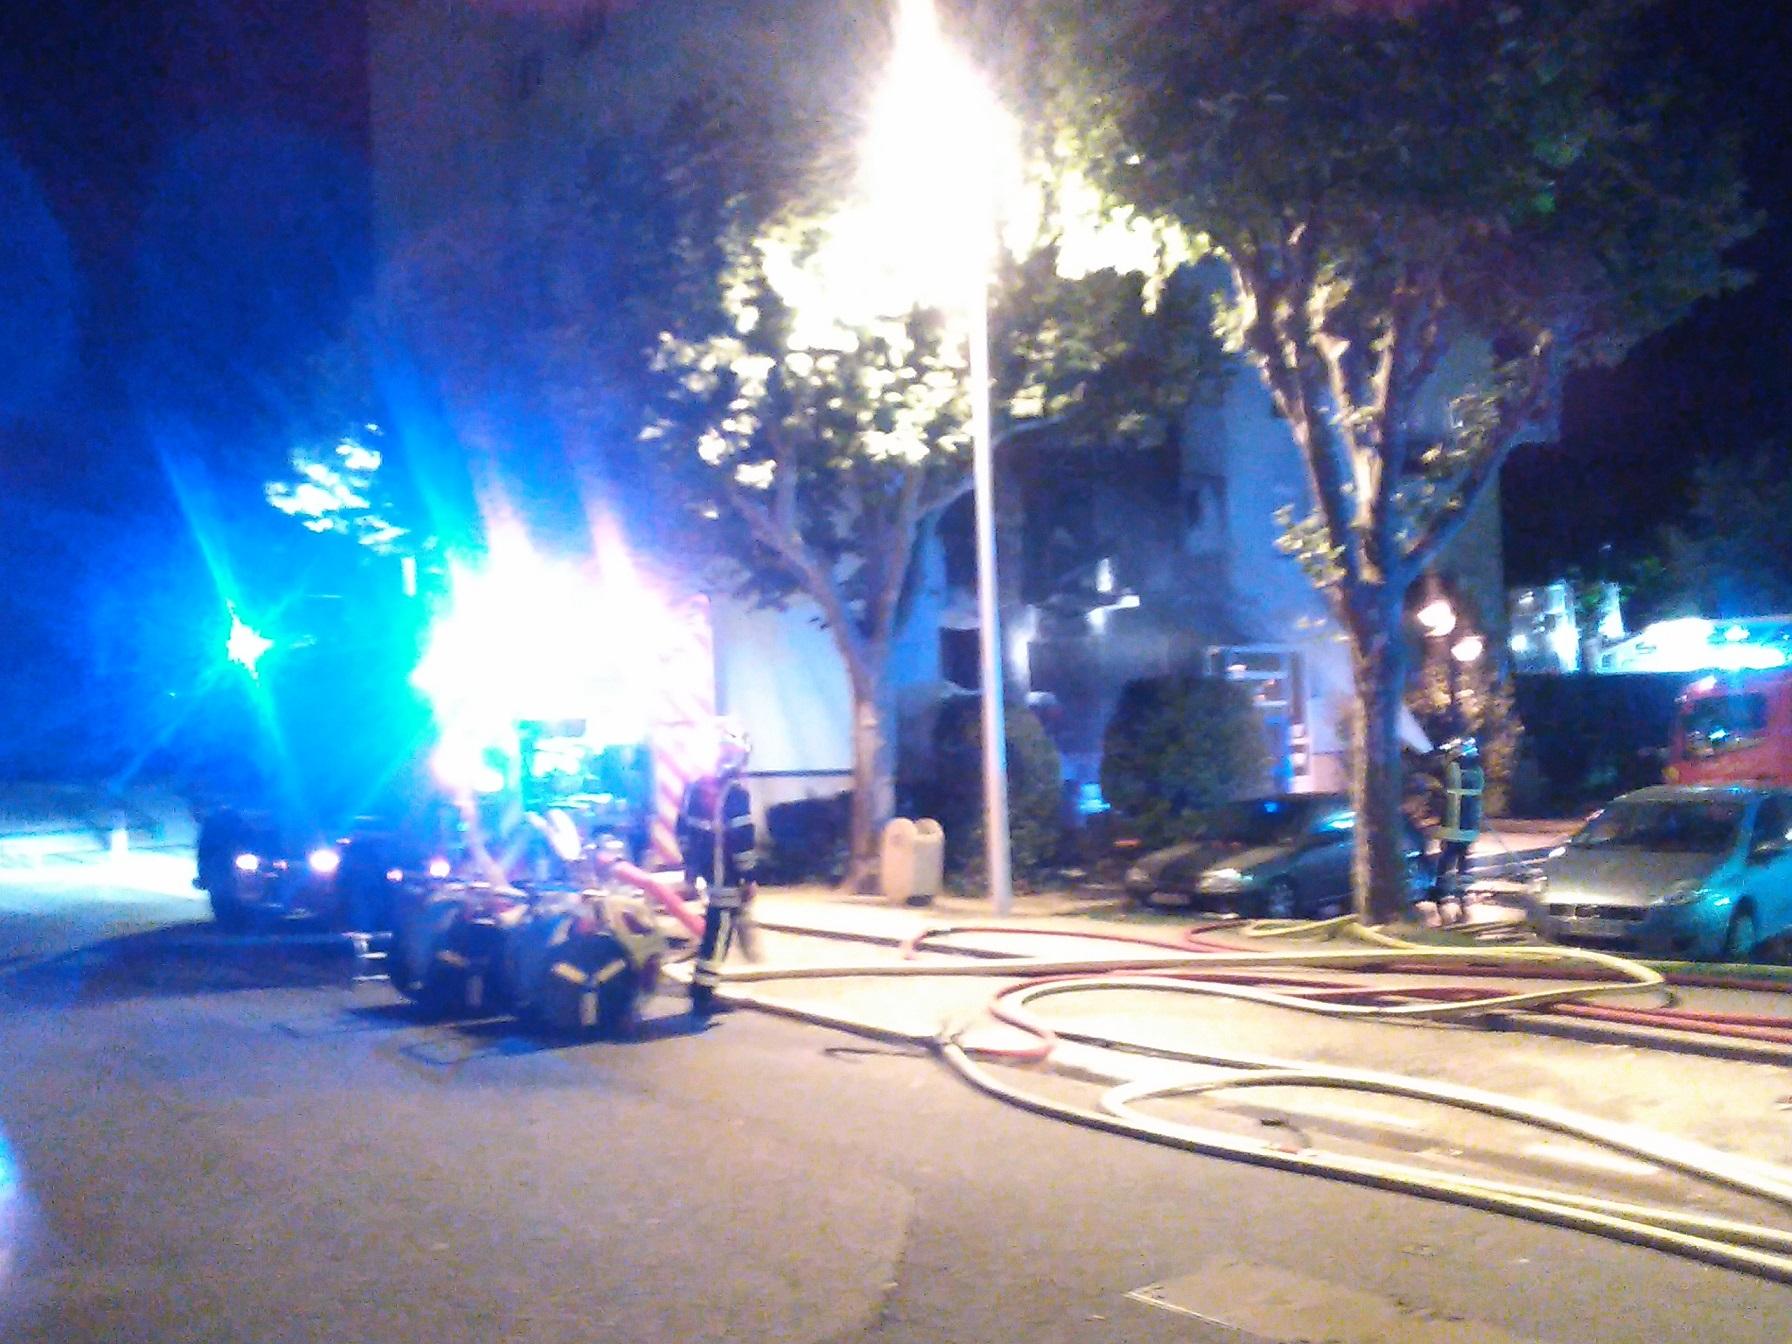 incendie belleroche nuit du 16 17 2015 204.jpg